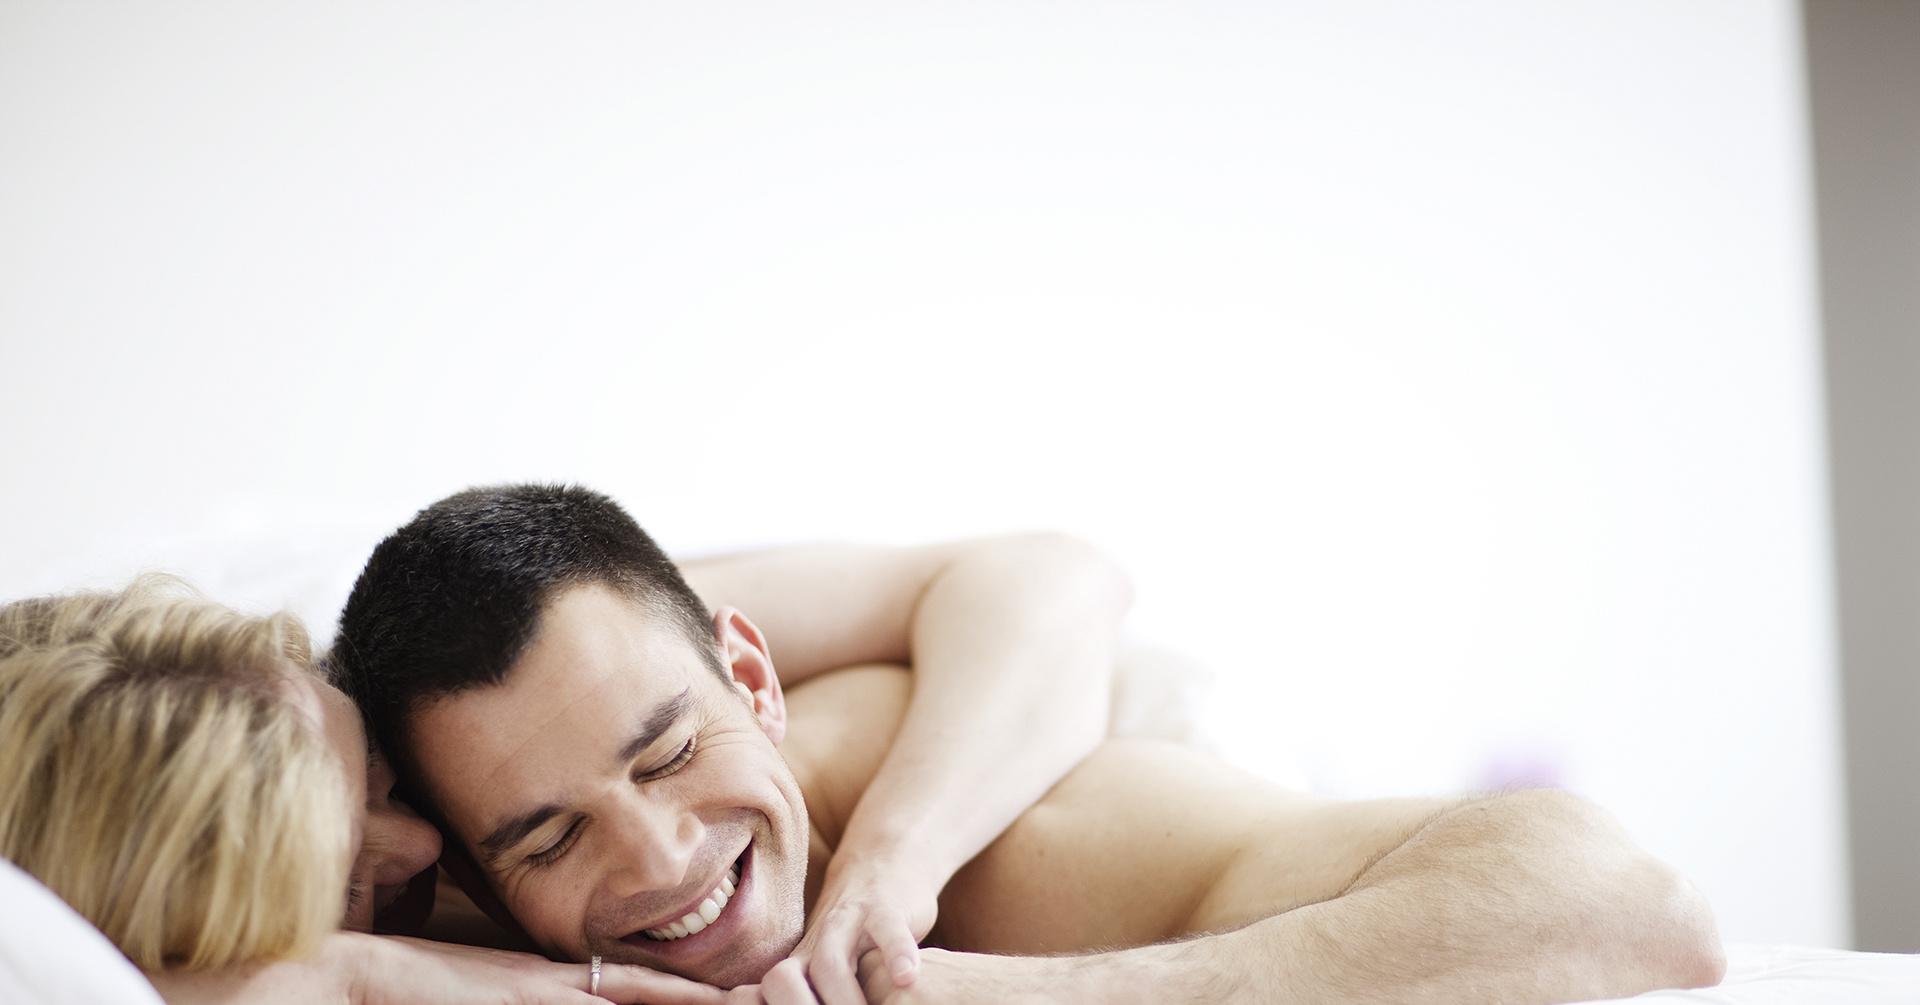 Романтический секс влюбленных онлайн 26 фотография